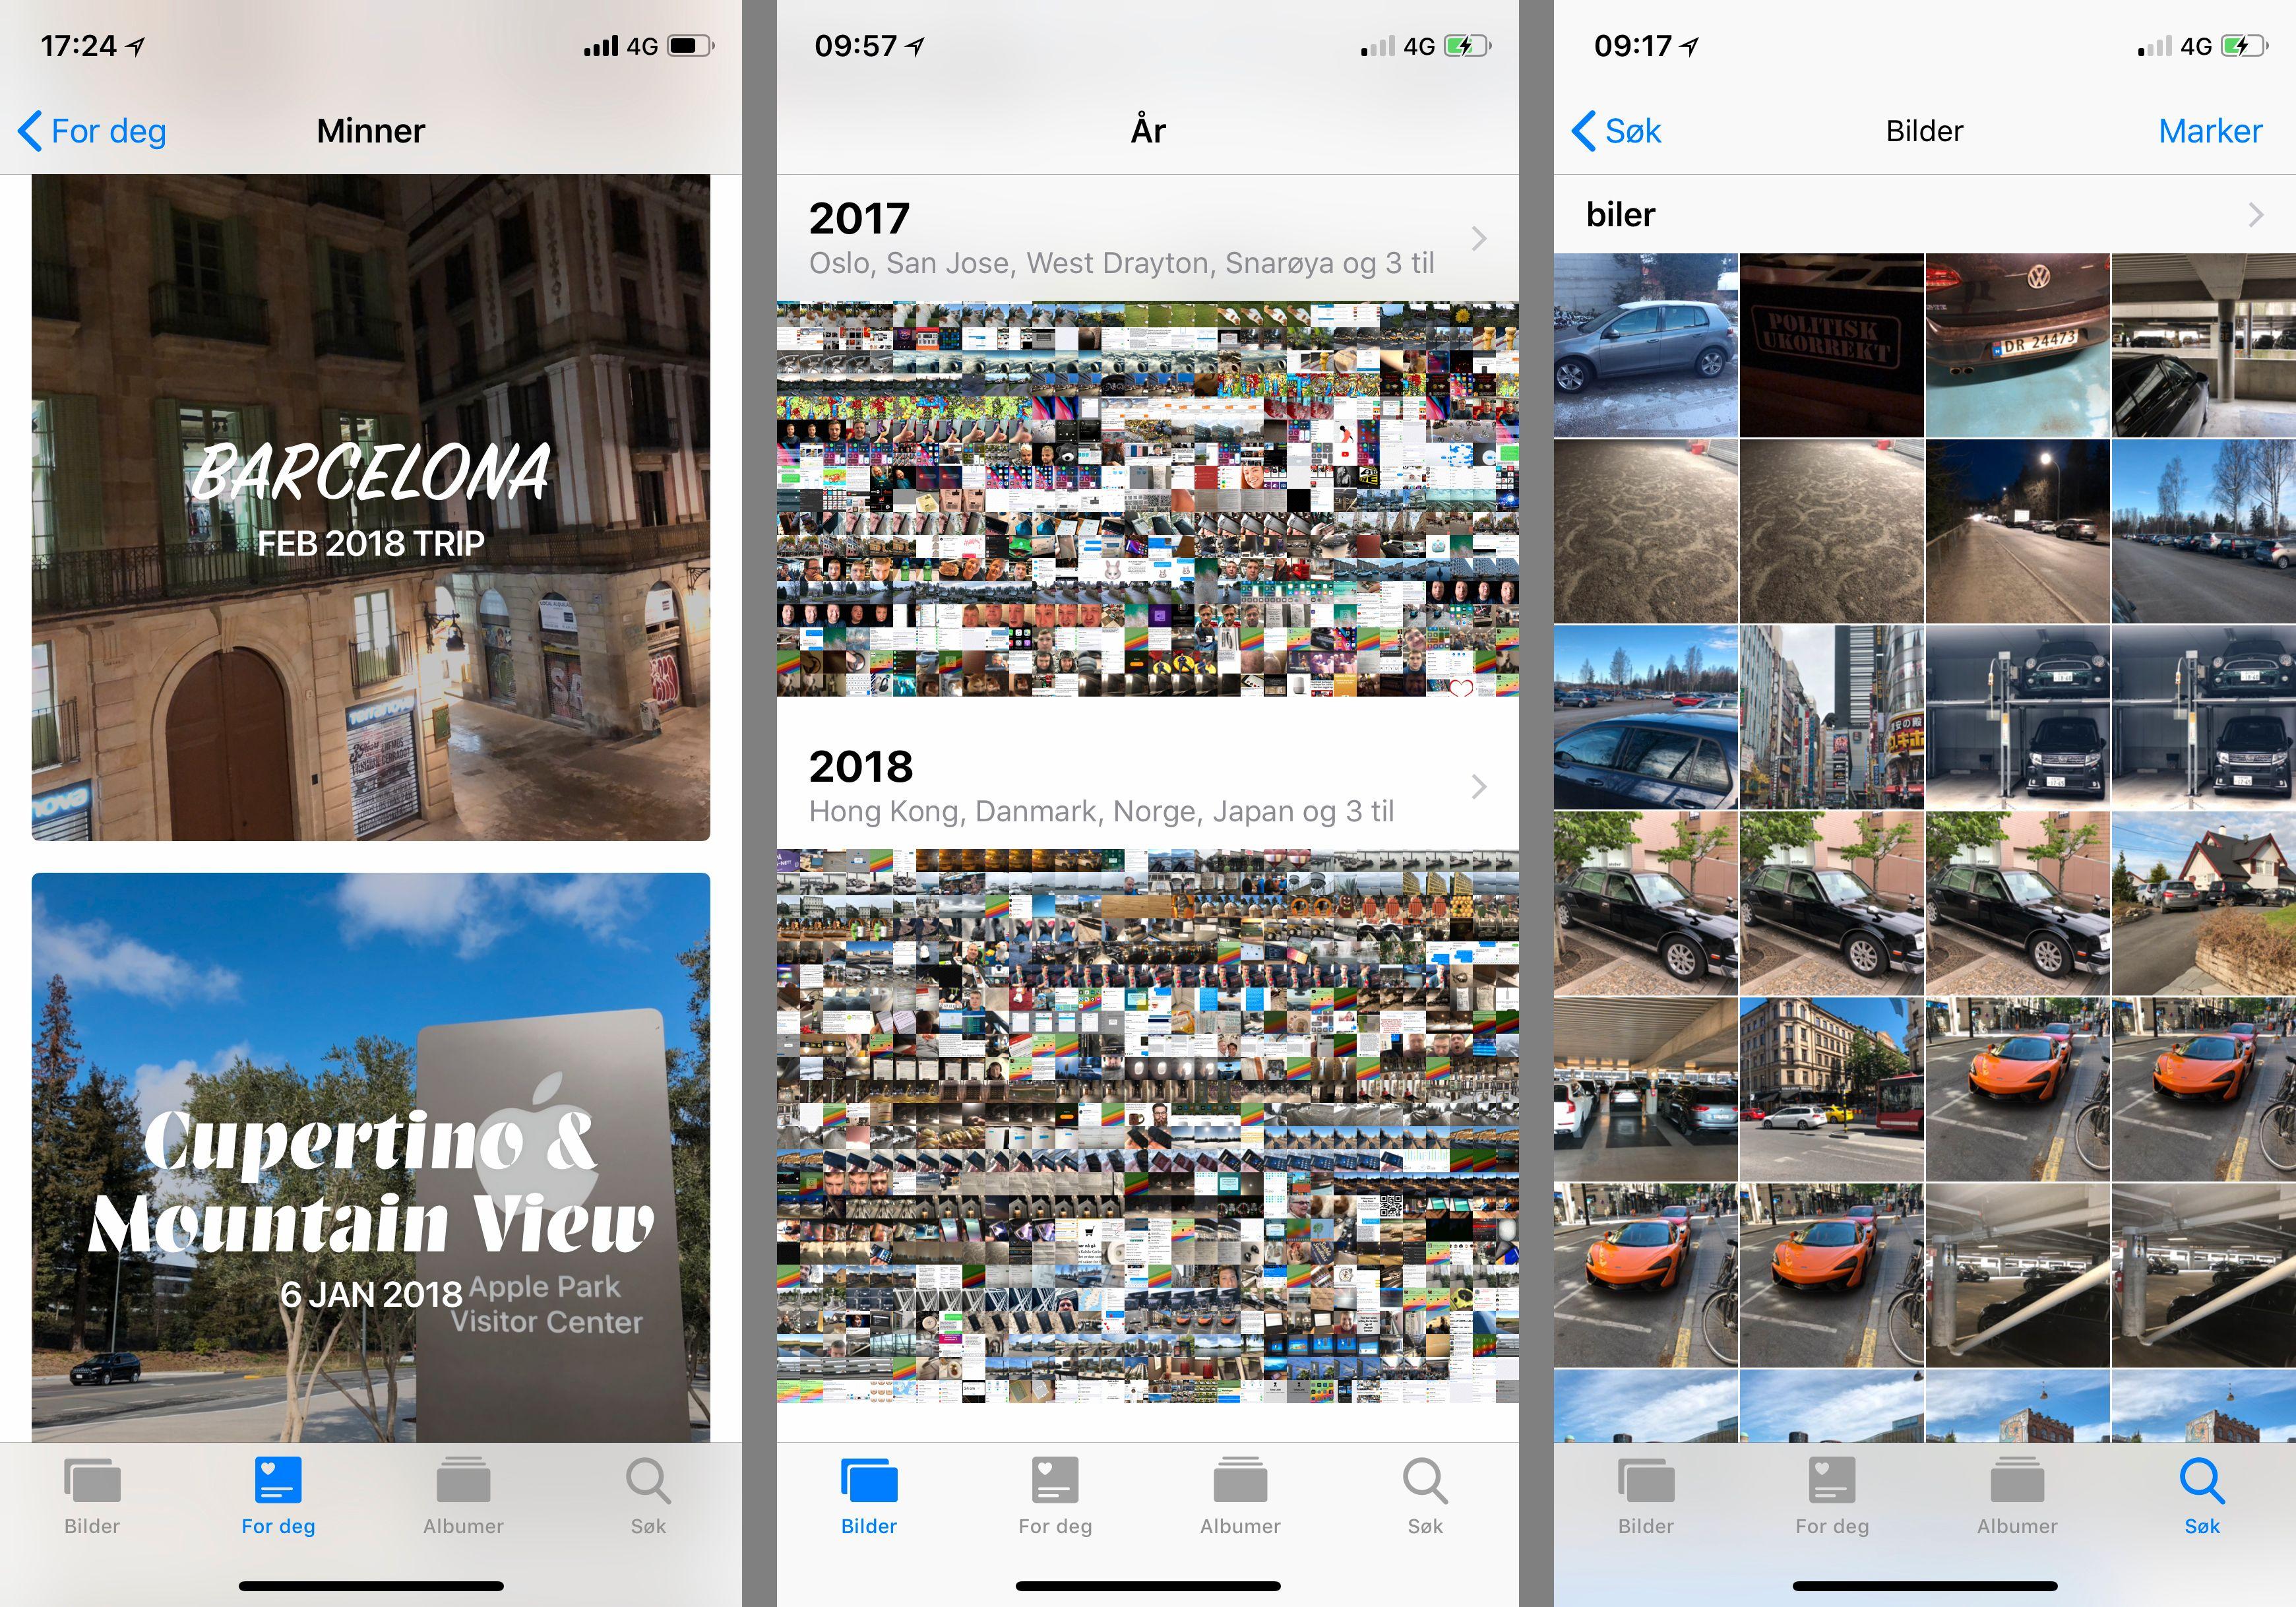 Bilder-appen har blitt oppdatert med en ny avdeling, men foreløpig ser ikke alle funksjonene ut til å være lette å få tak i. Det kan tenkes at telefonen trenger mer tid på å kategorisere bilder i bakgrunnen.